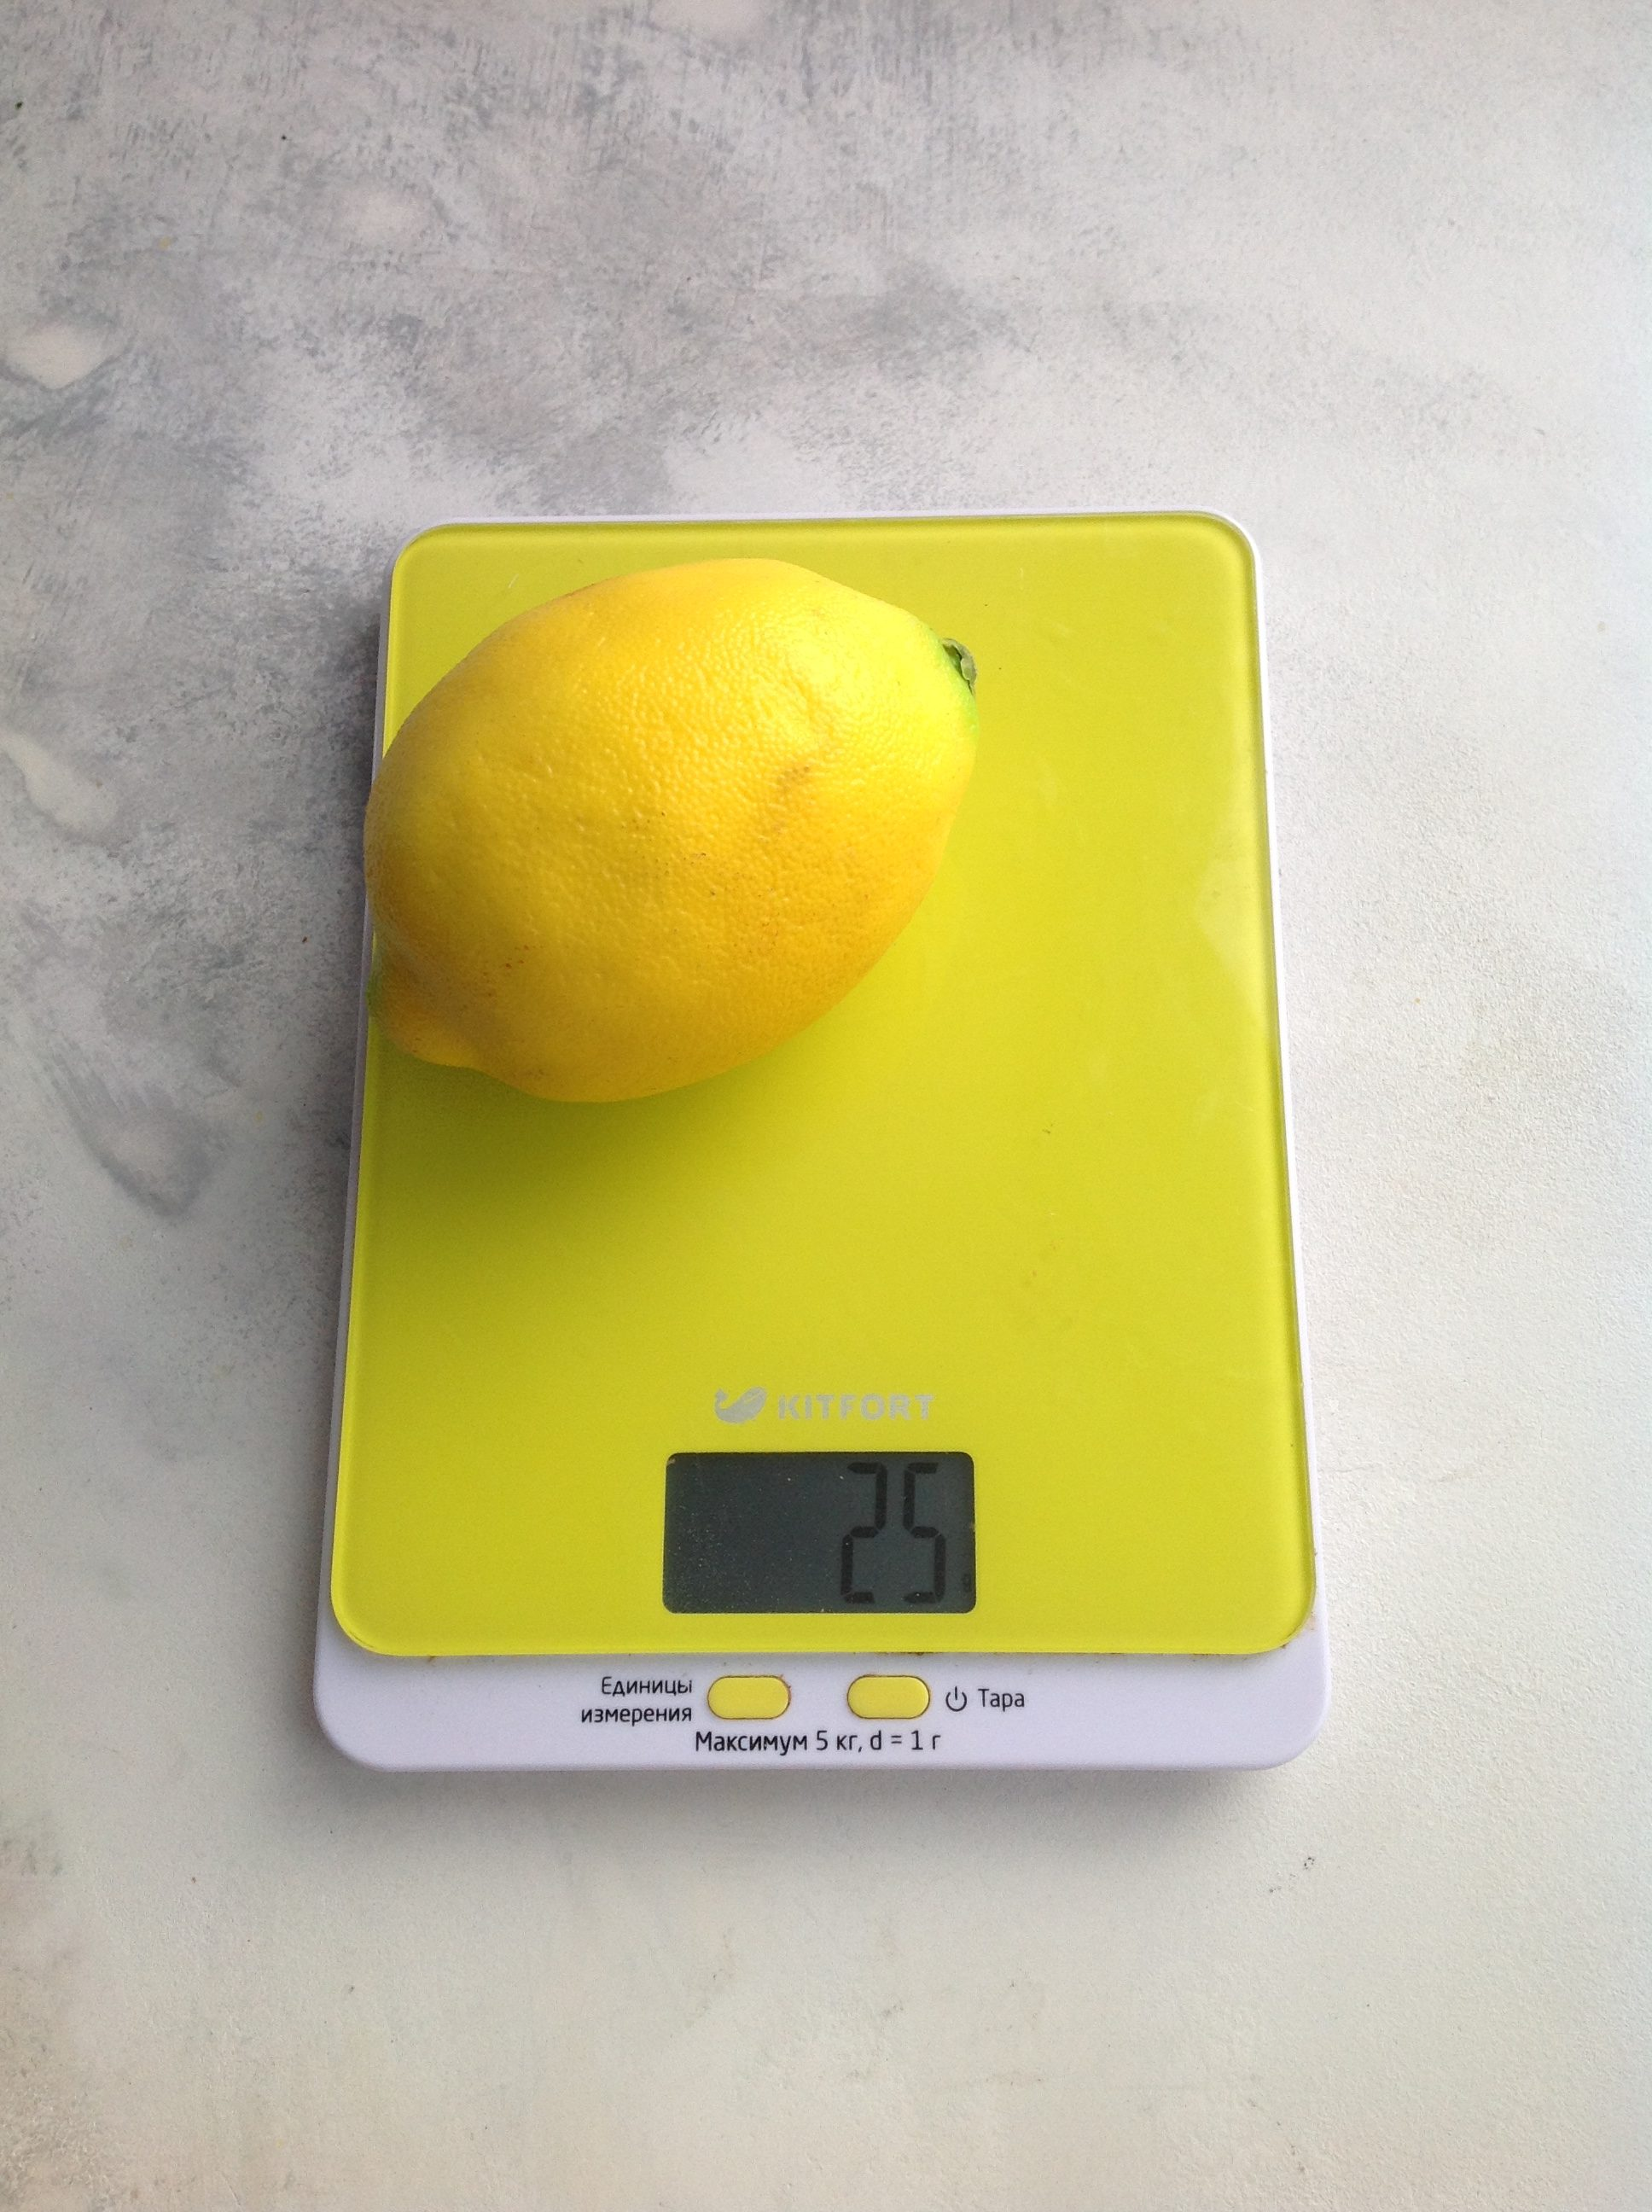 вес лимона воскового